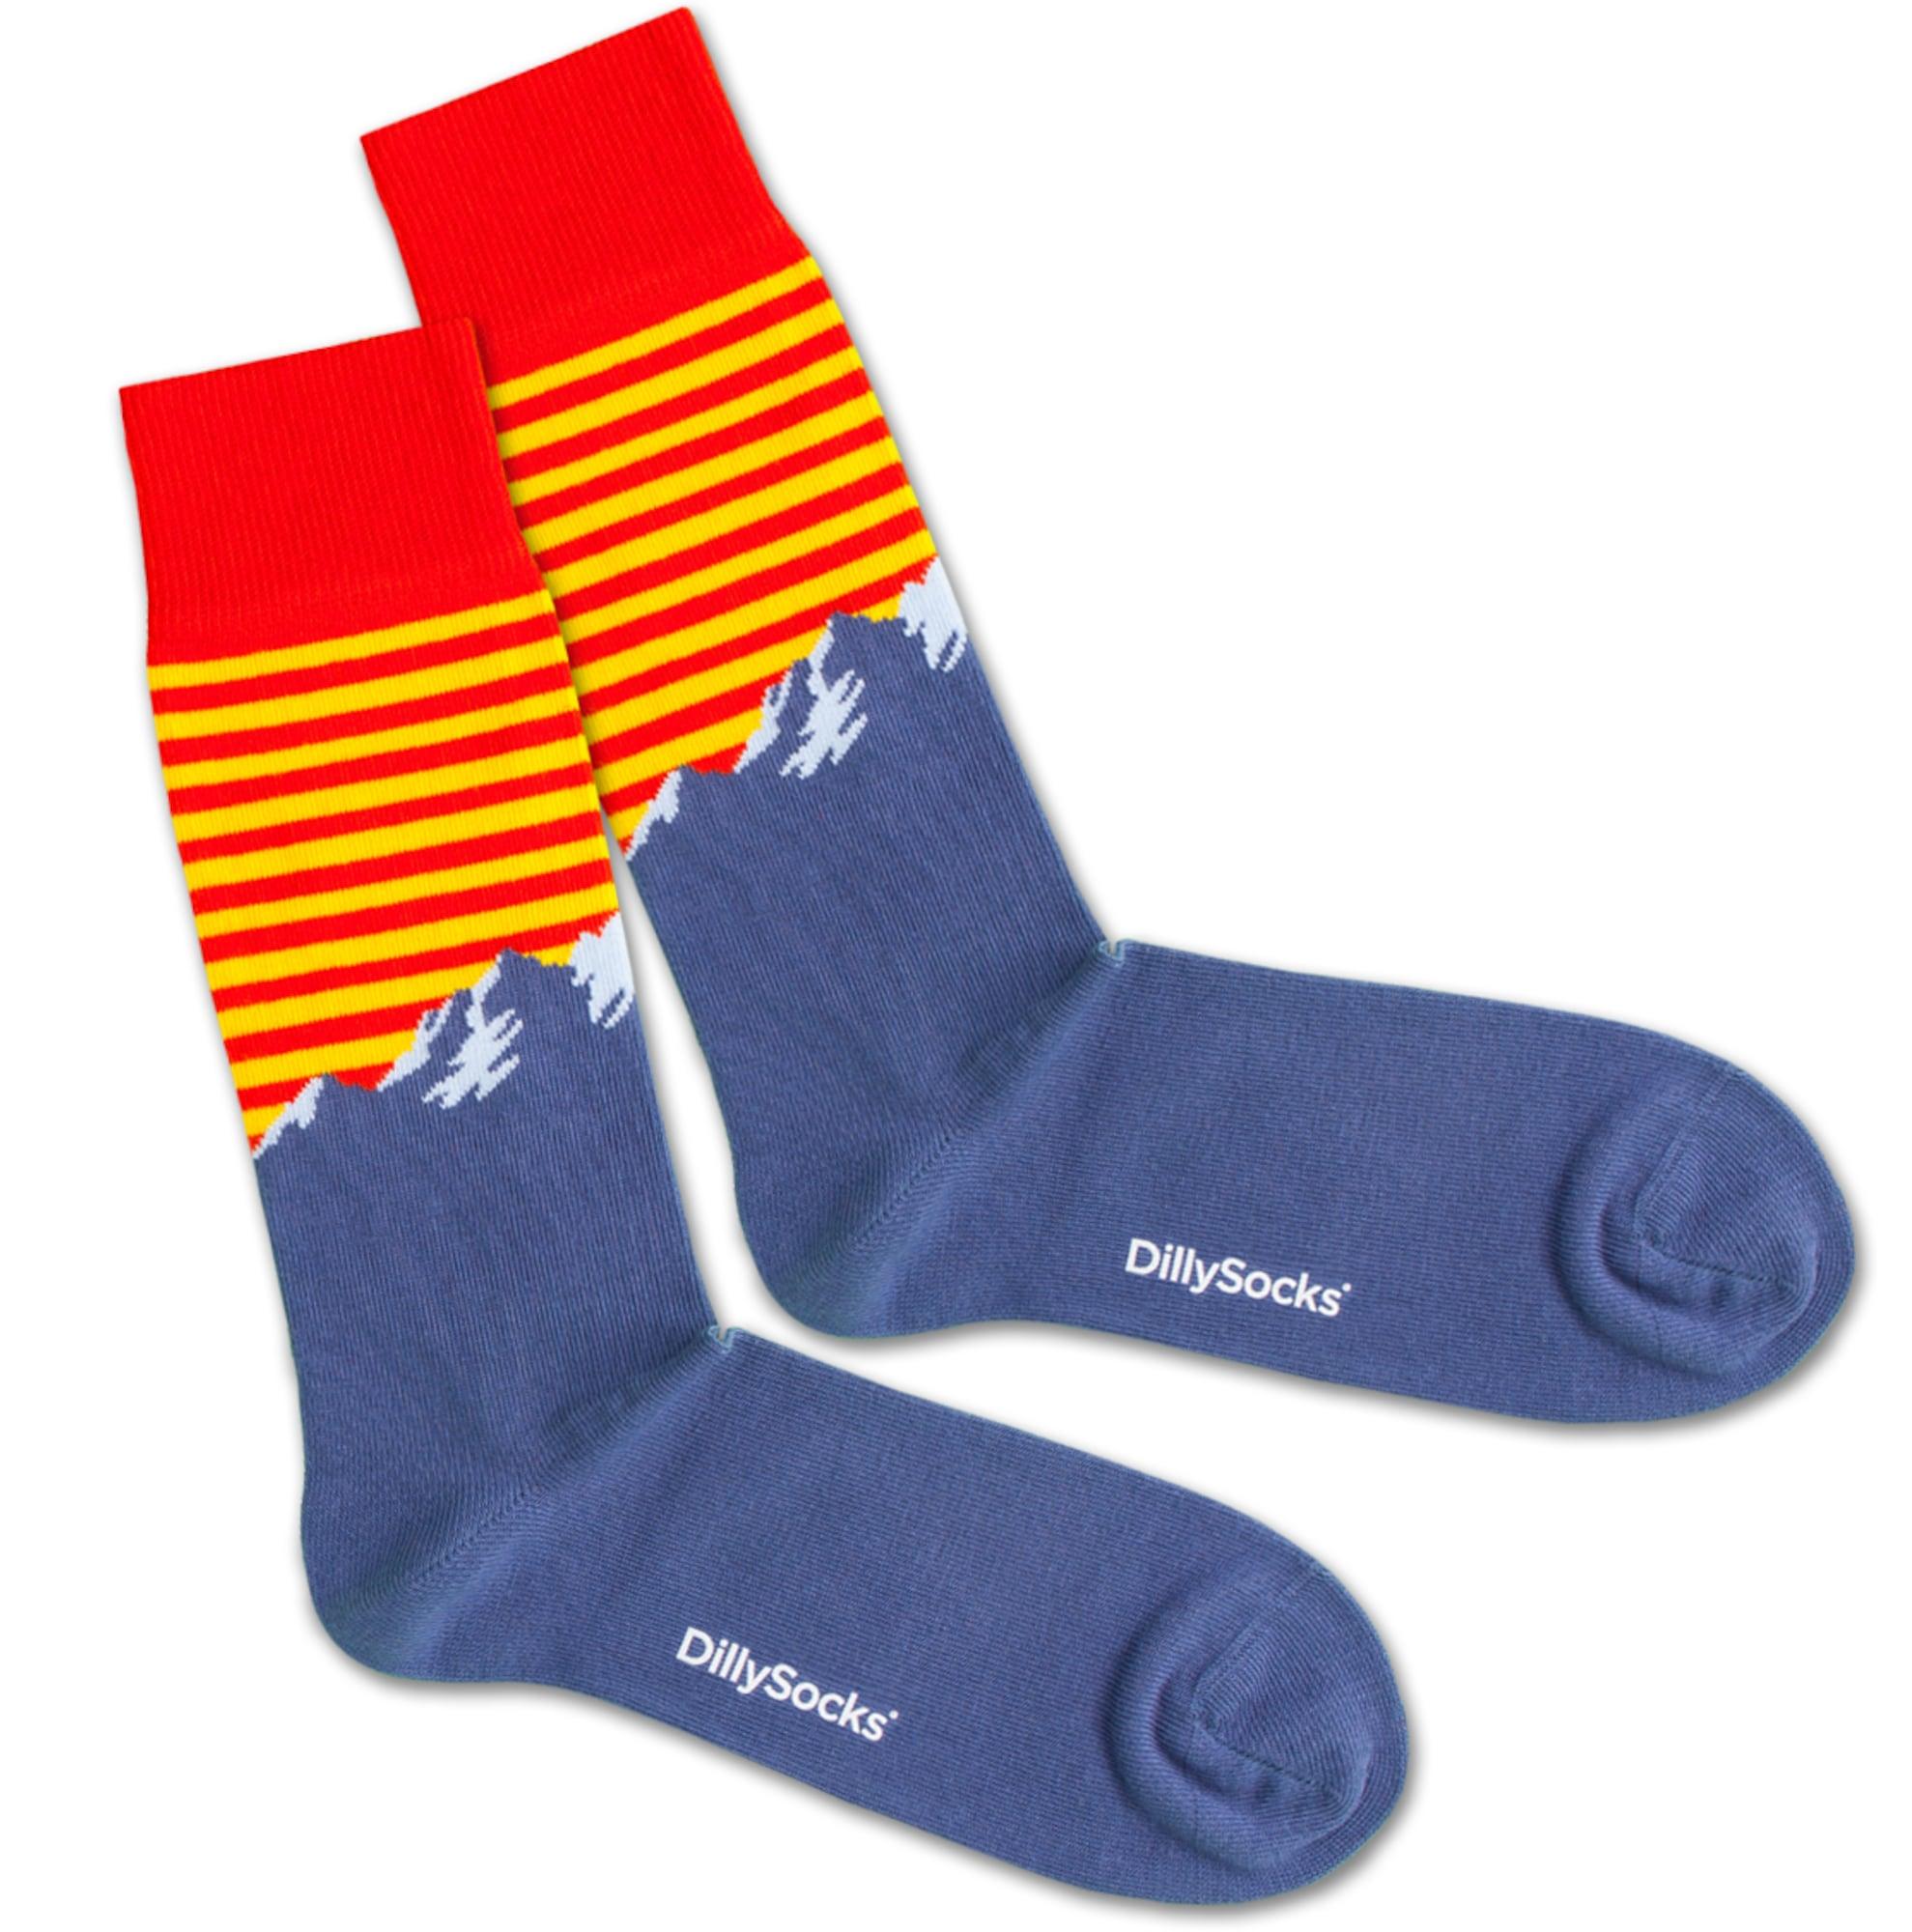 Ponožky Alpine Sunset modrá žlutá červená bílá DillySocks